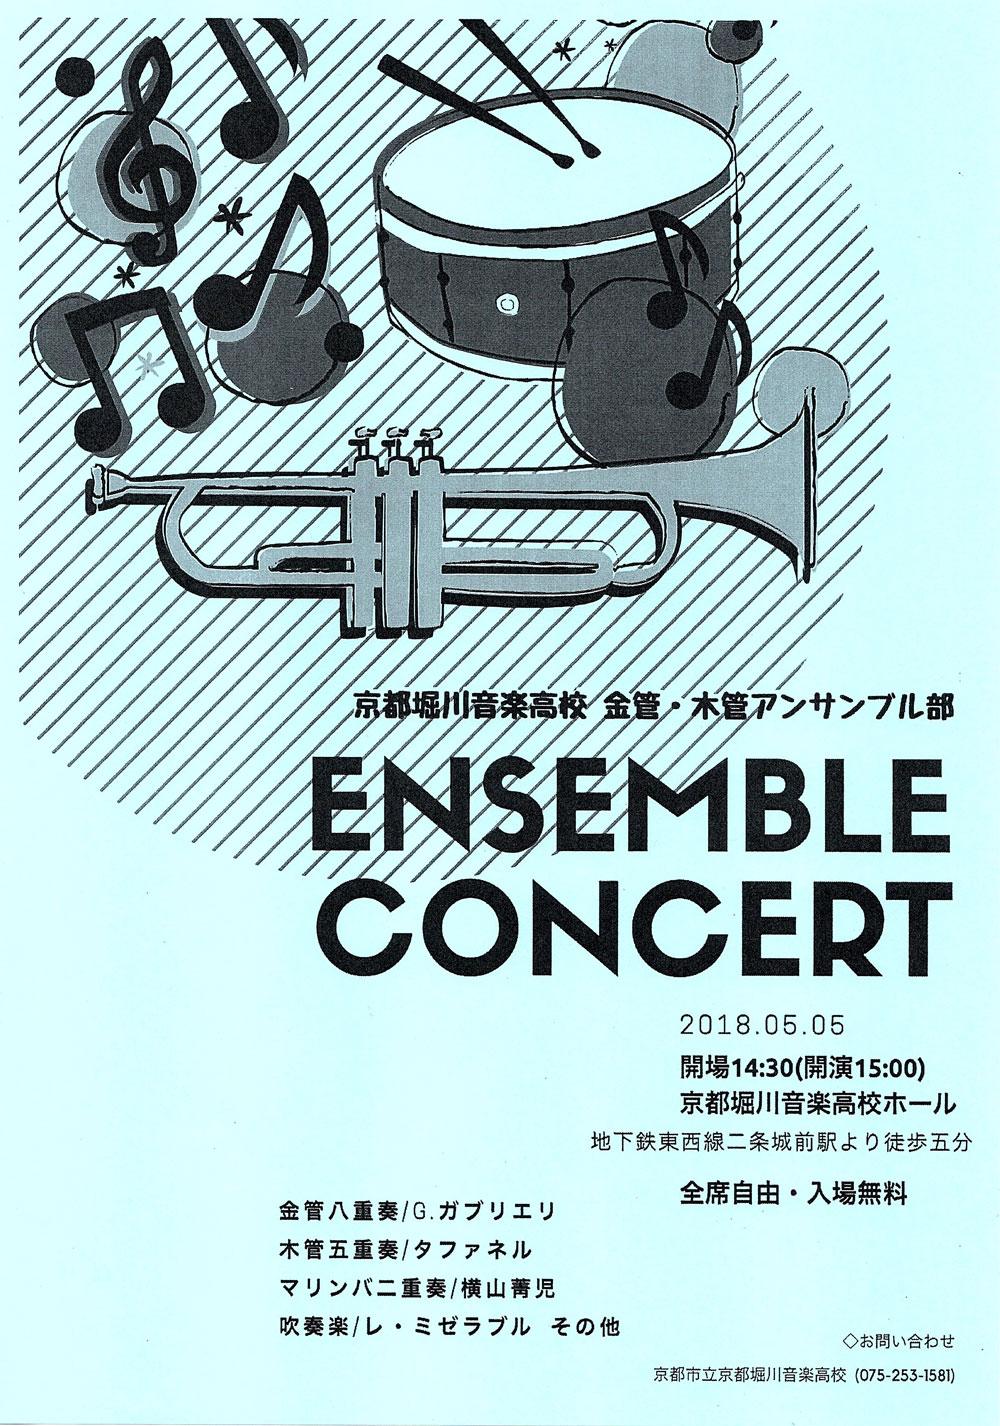 京都堀川音楽高校金管木管アンサンブル部 アンサンブルコンサートのチラシ画像